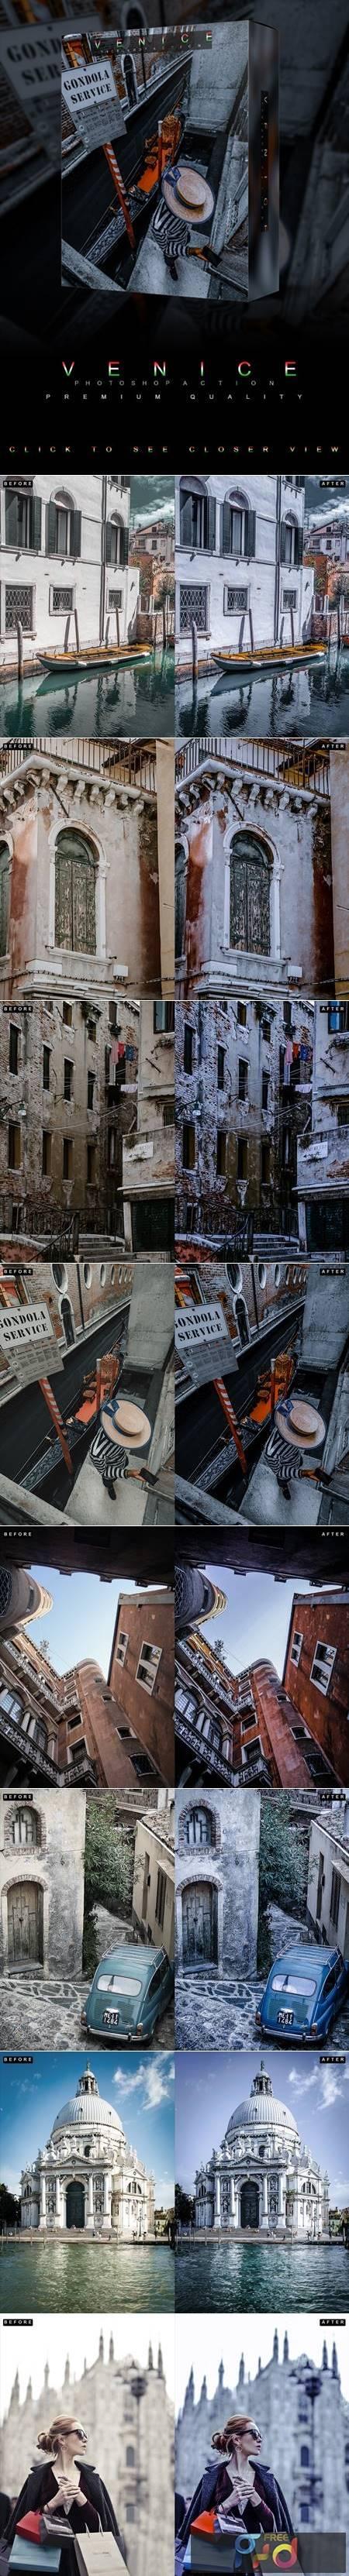 Famous Citys - VENICE - Photoshop Action 26810410 1